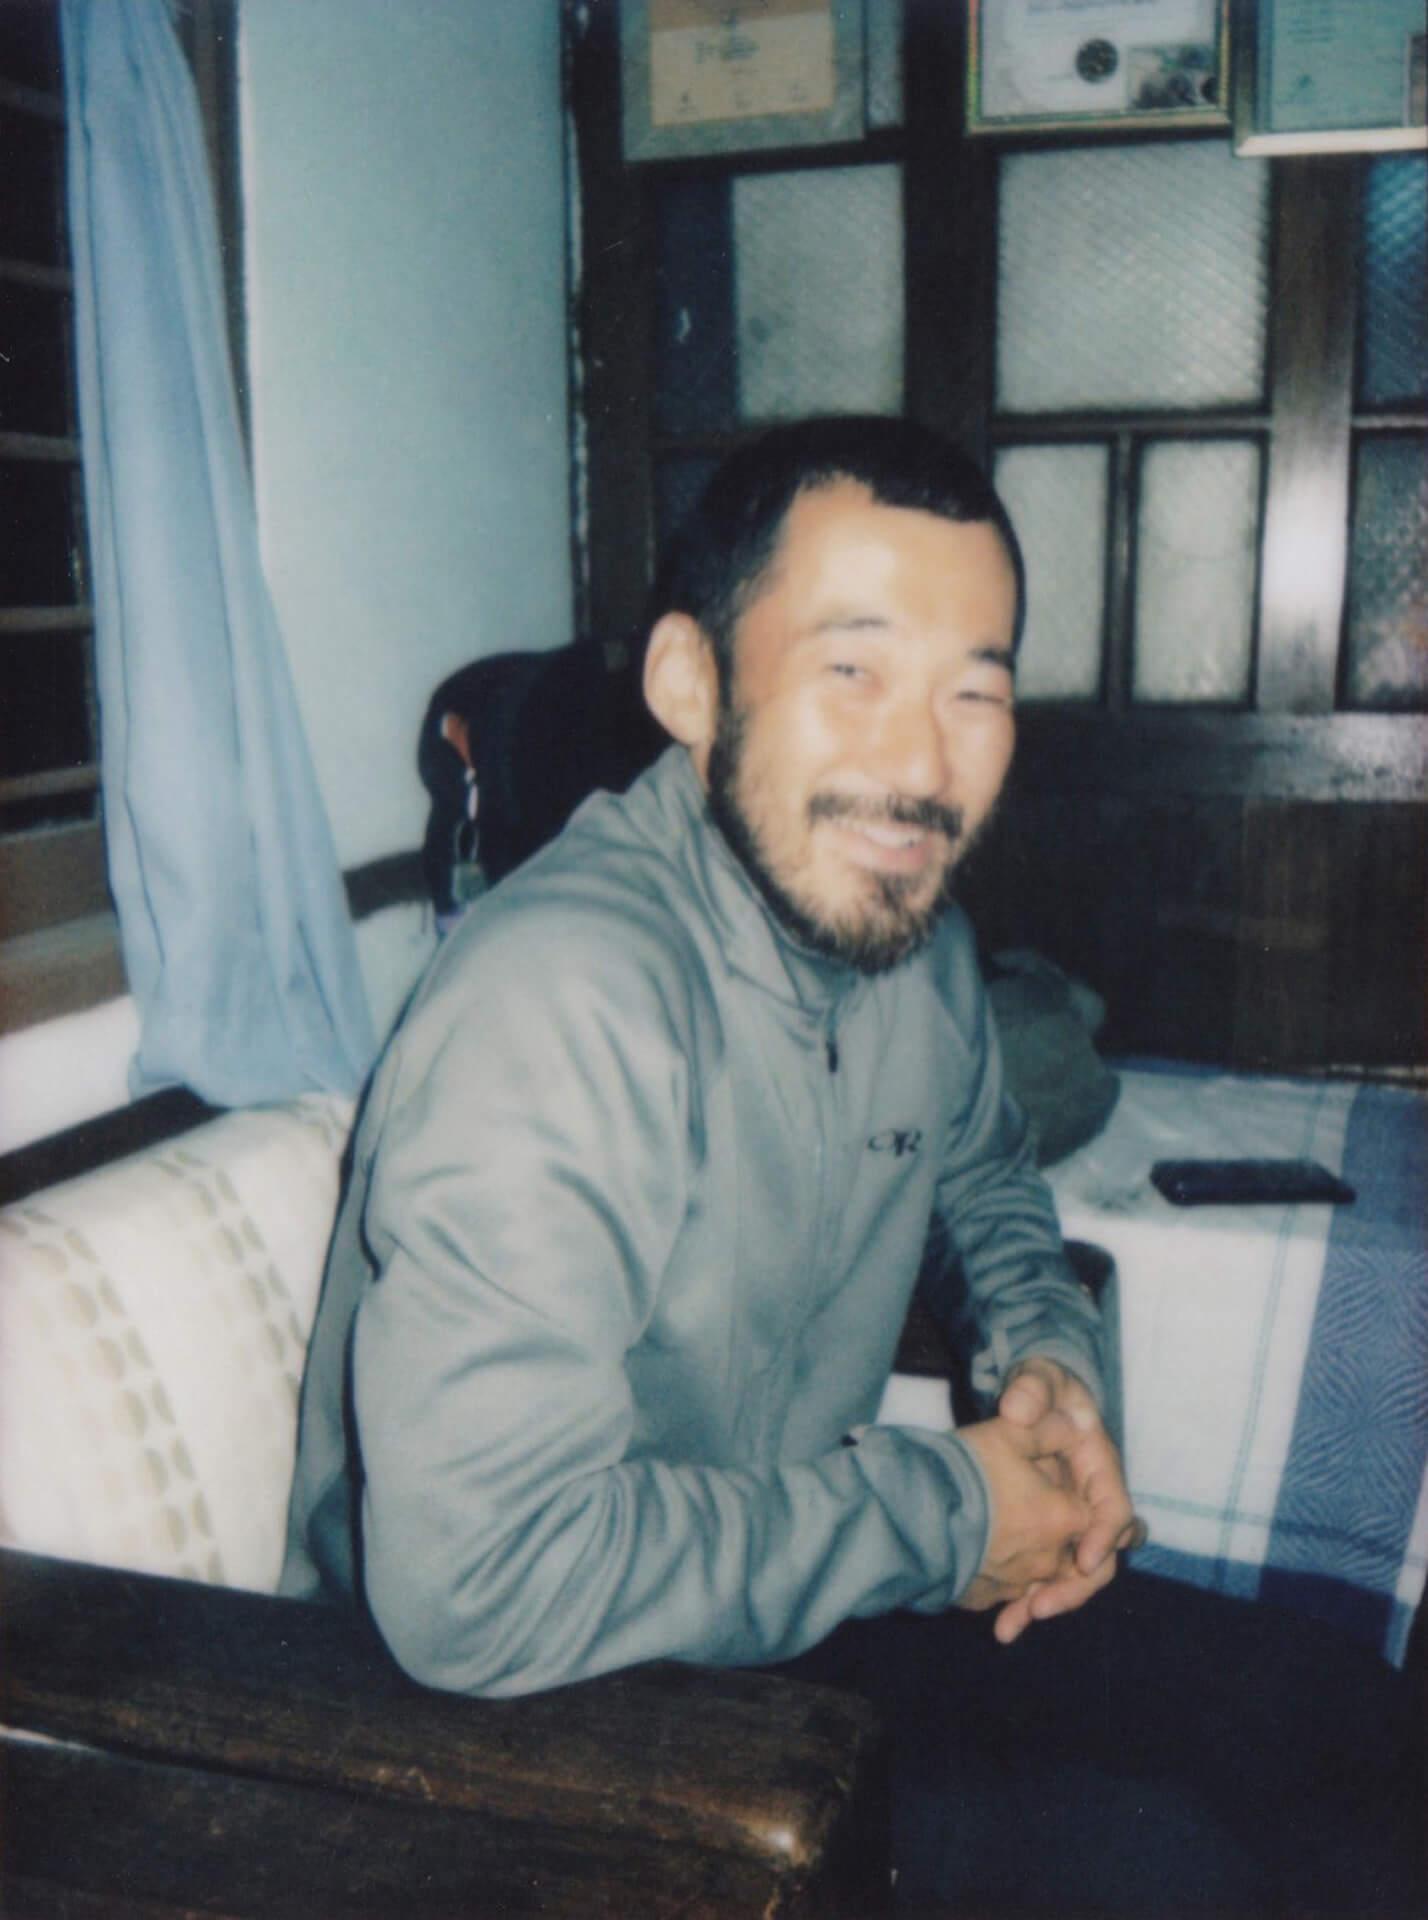 ミャンマーの文化とともに —— コムアイ、オオルタイチ、井口寛が語る音を通じた繋がり interview210917_staywithmyanmar_4